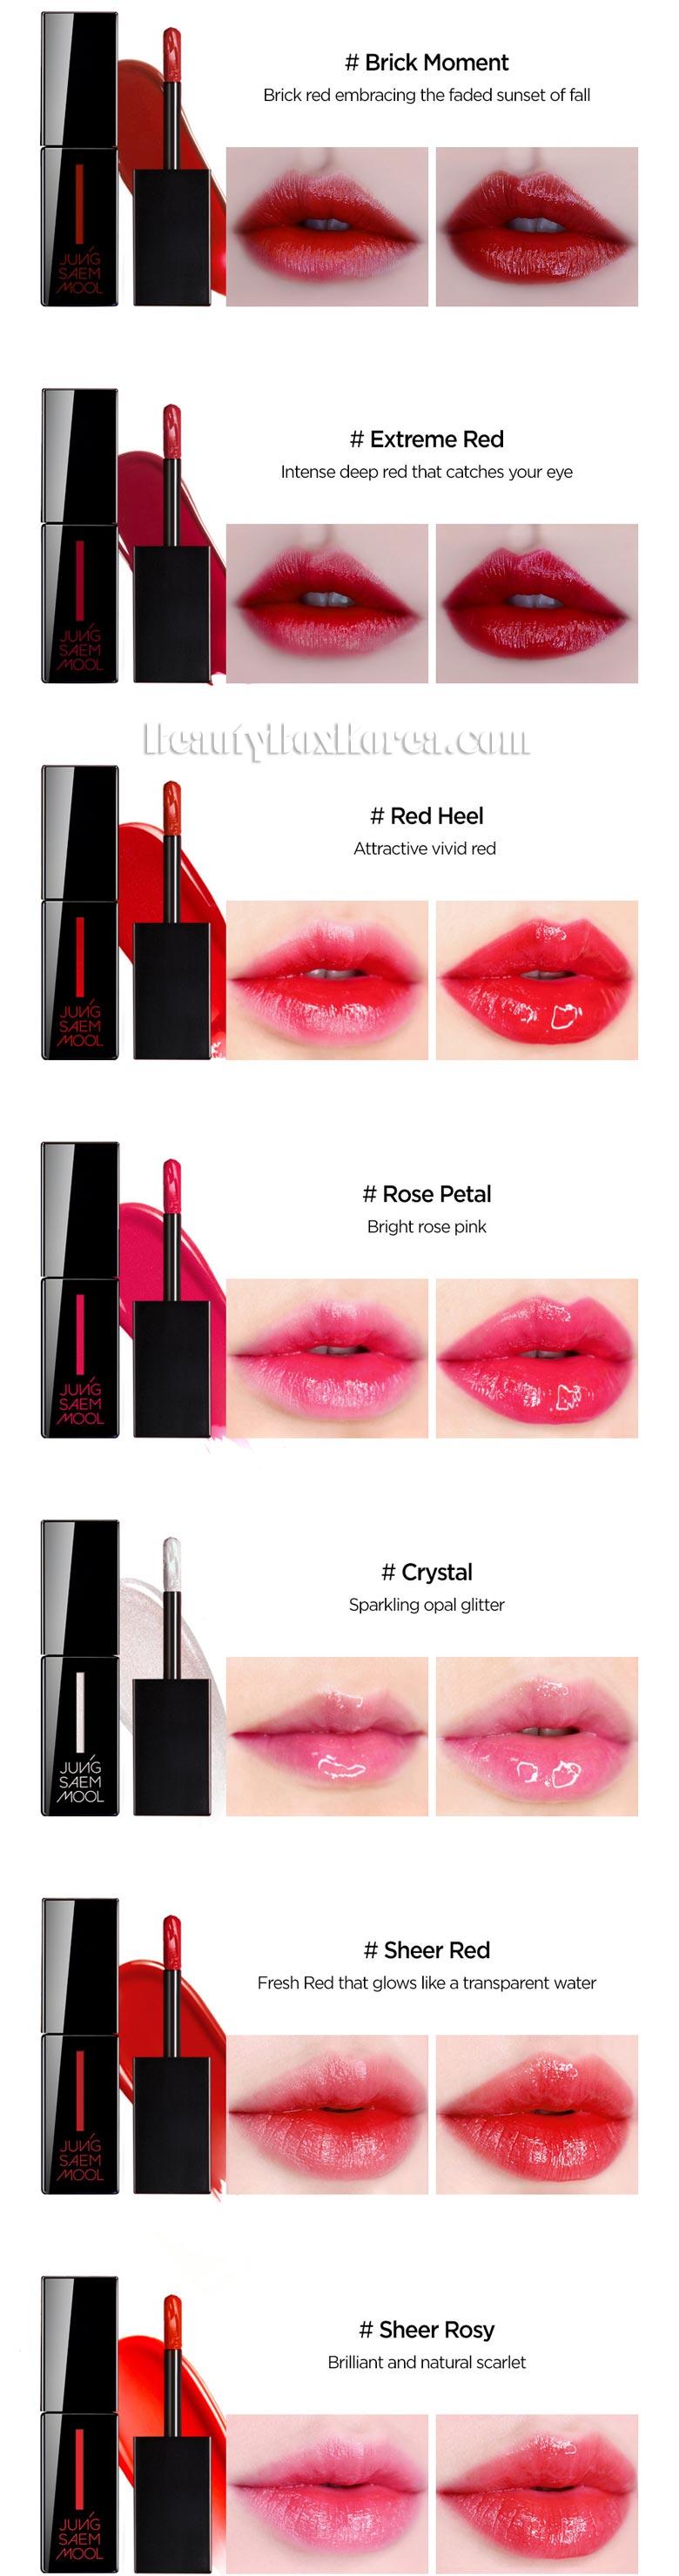 Beauty Box Korea - JUNGSAEMMOOL High Tinted Lip Lacquer 8 3ml | Best